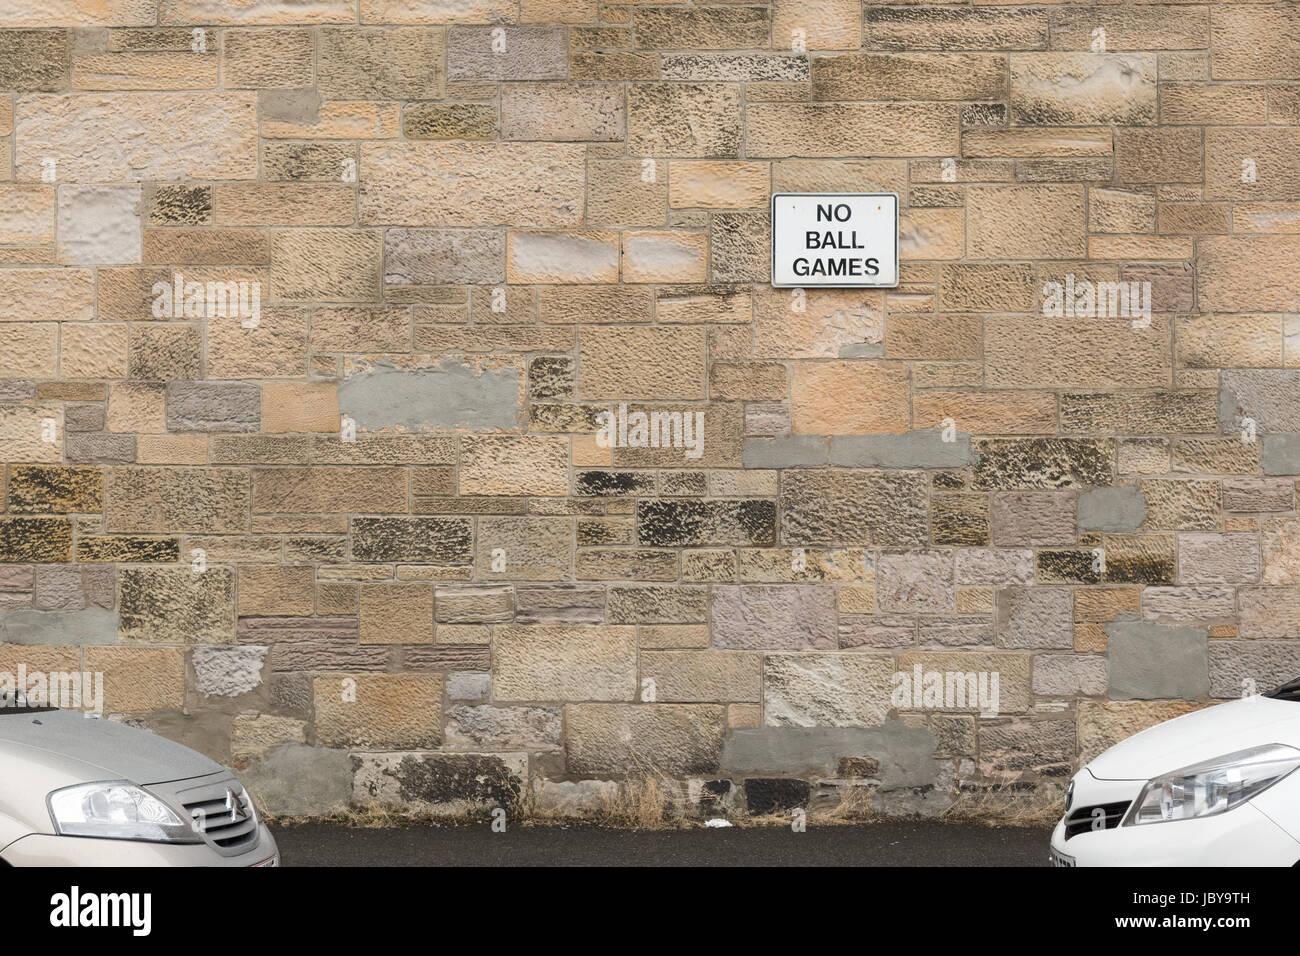 Kein Ballspiele anmelden, an der Seite eines Hauses, Dumbarton, Schottland, UK Stockbild